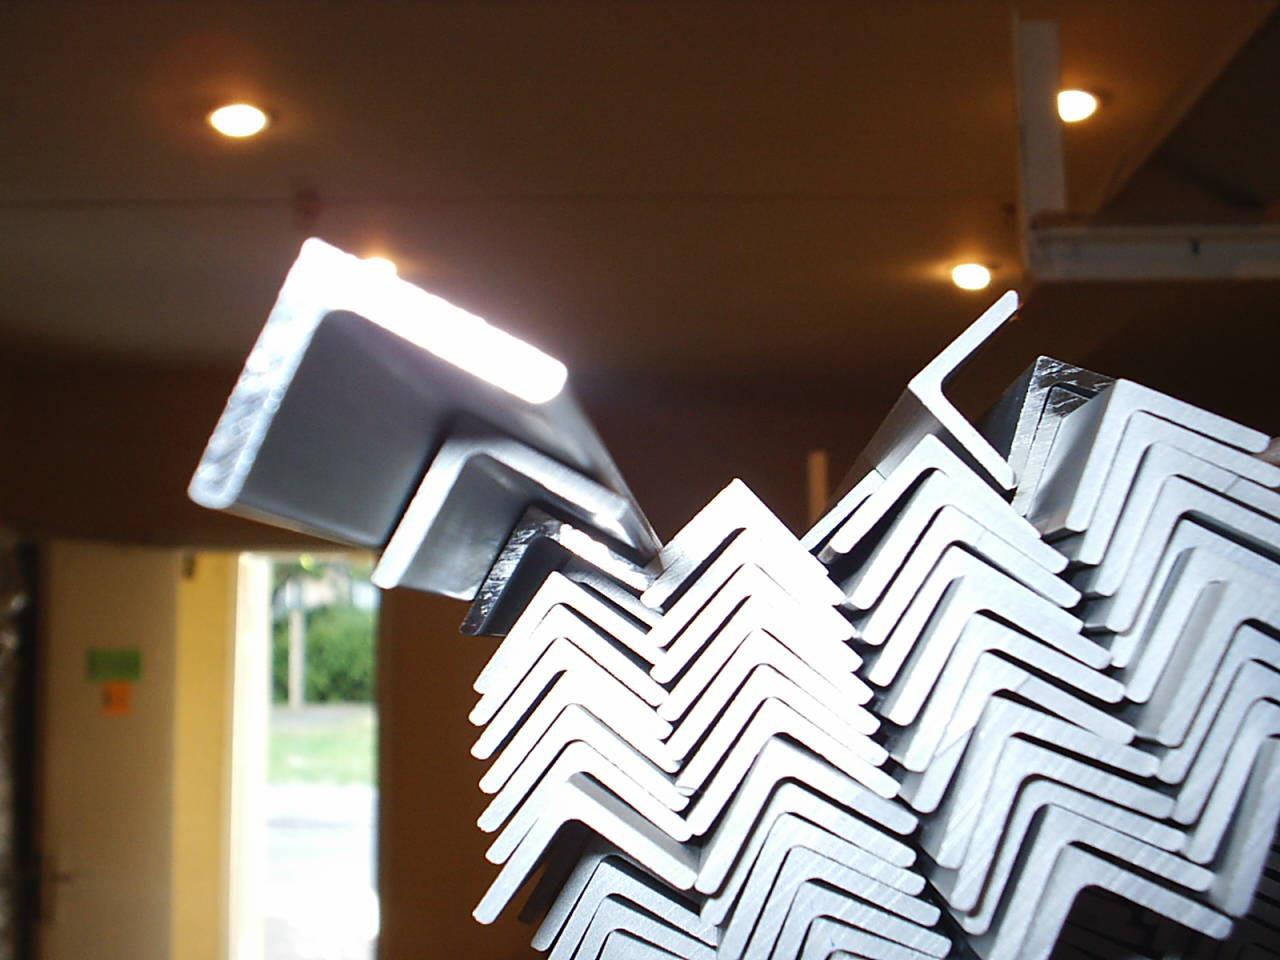 Алюминиевый уголок анодированый 45x45x2, 40x40x2, 40x40x4, 40x40x3, 30x30x3, 40x40x1,7, 25x25x3, 30x30x2, 50x5